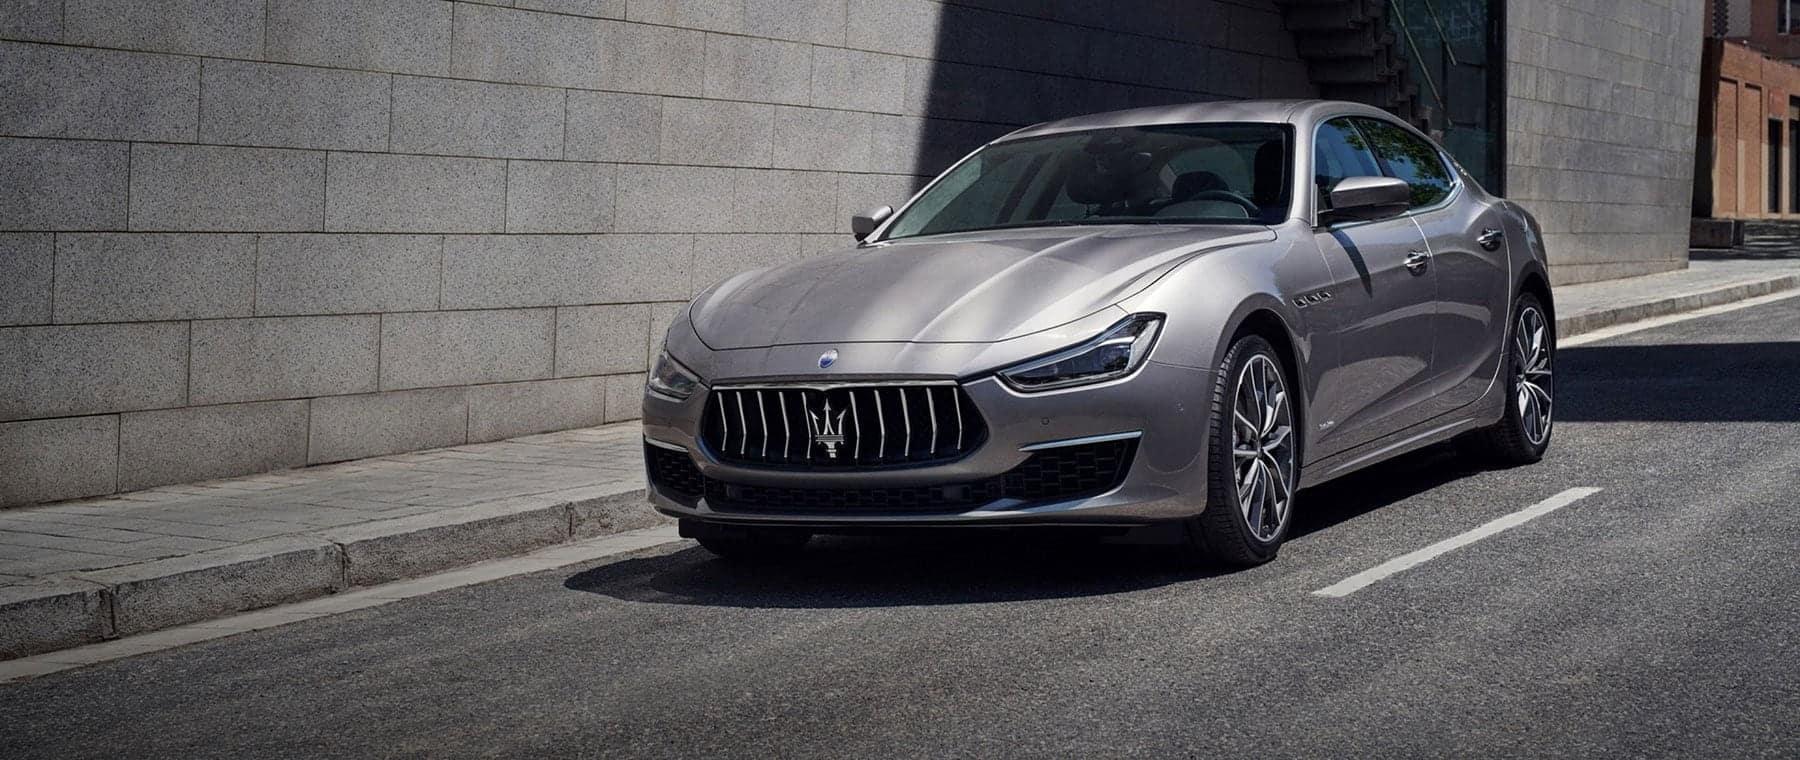 Gray Maserati on city road